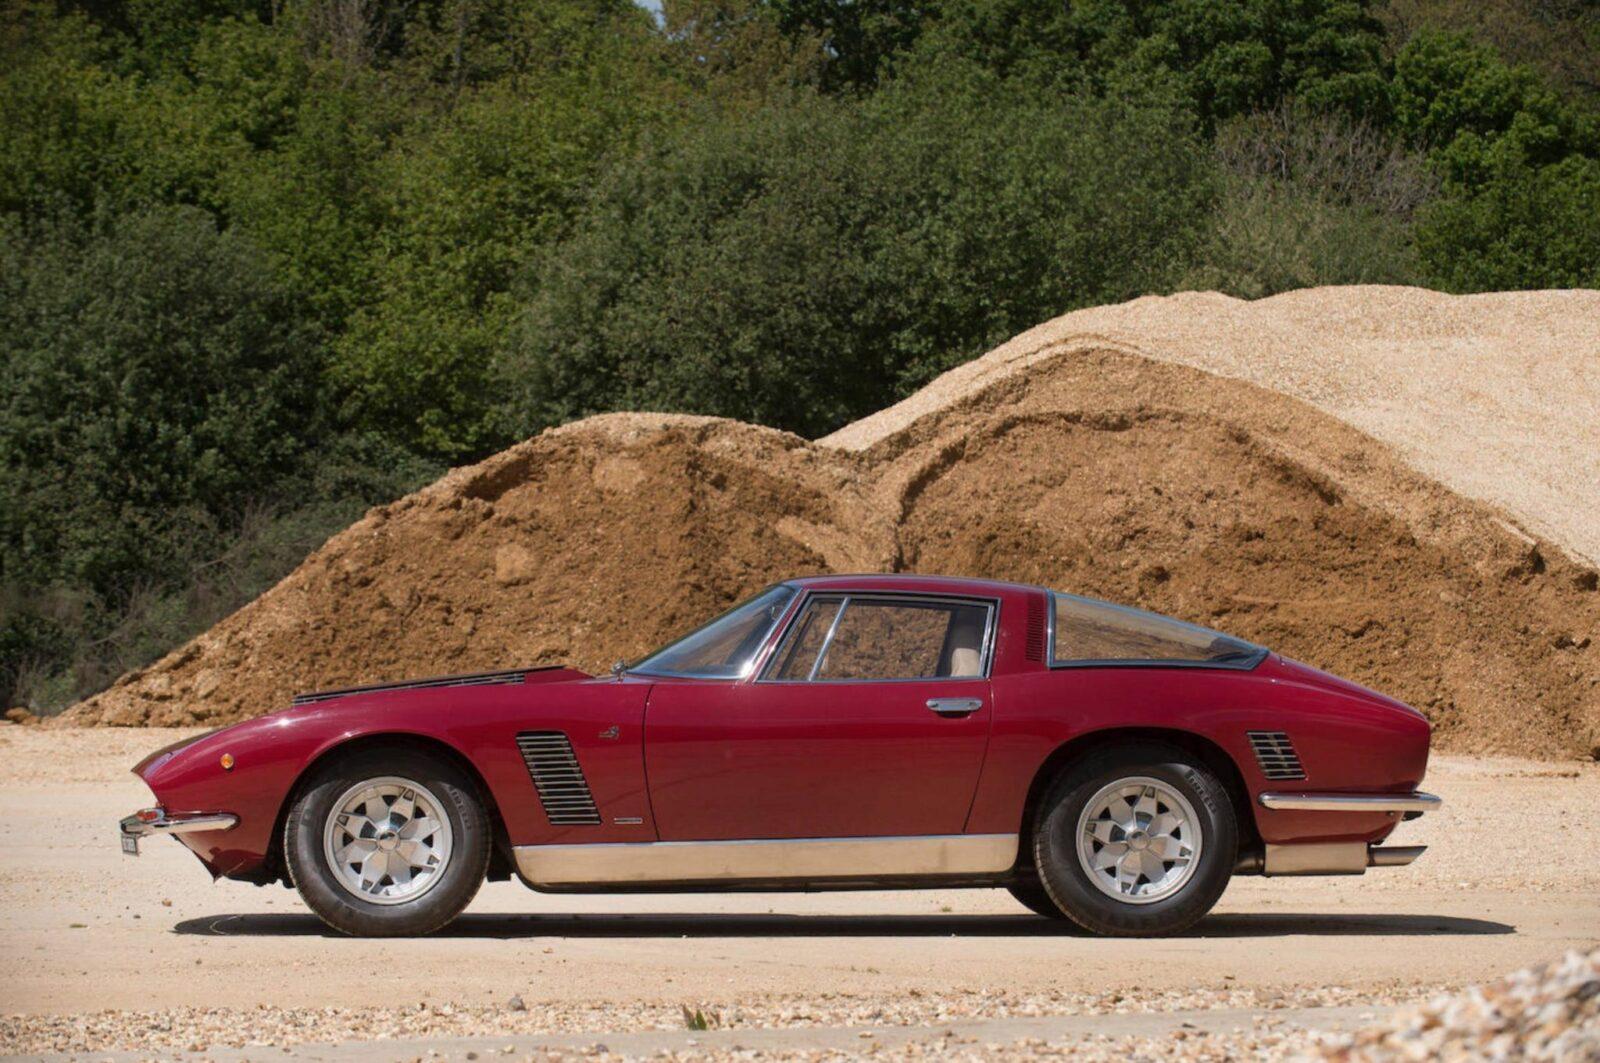 Iso Grifo 6 1600x1063 - 1973 Iso Grifo Series II